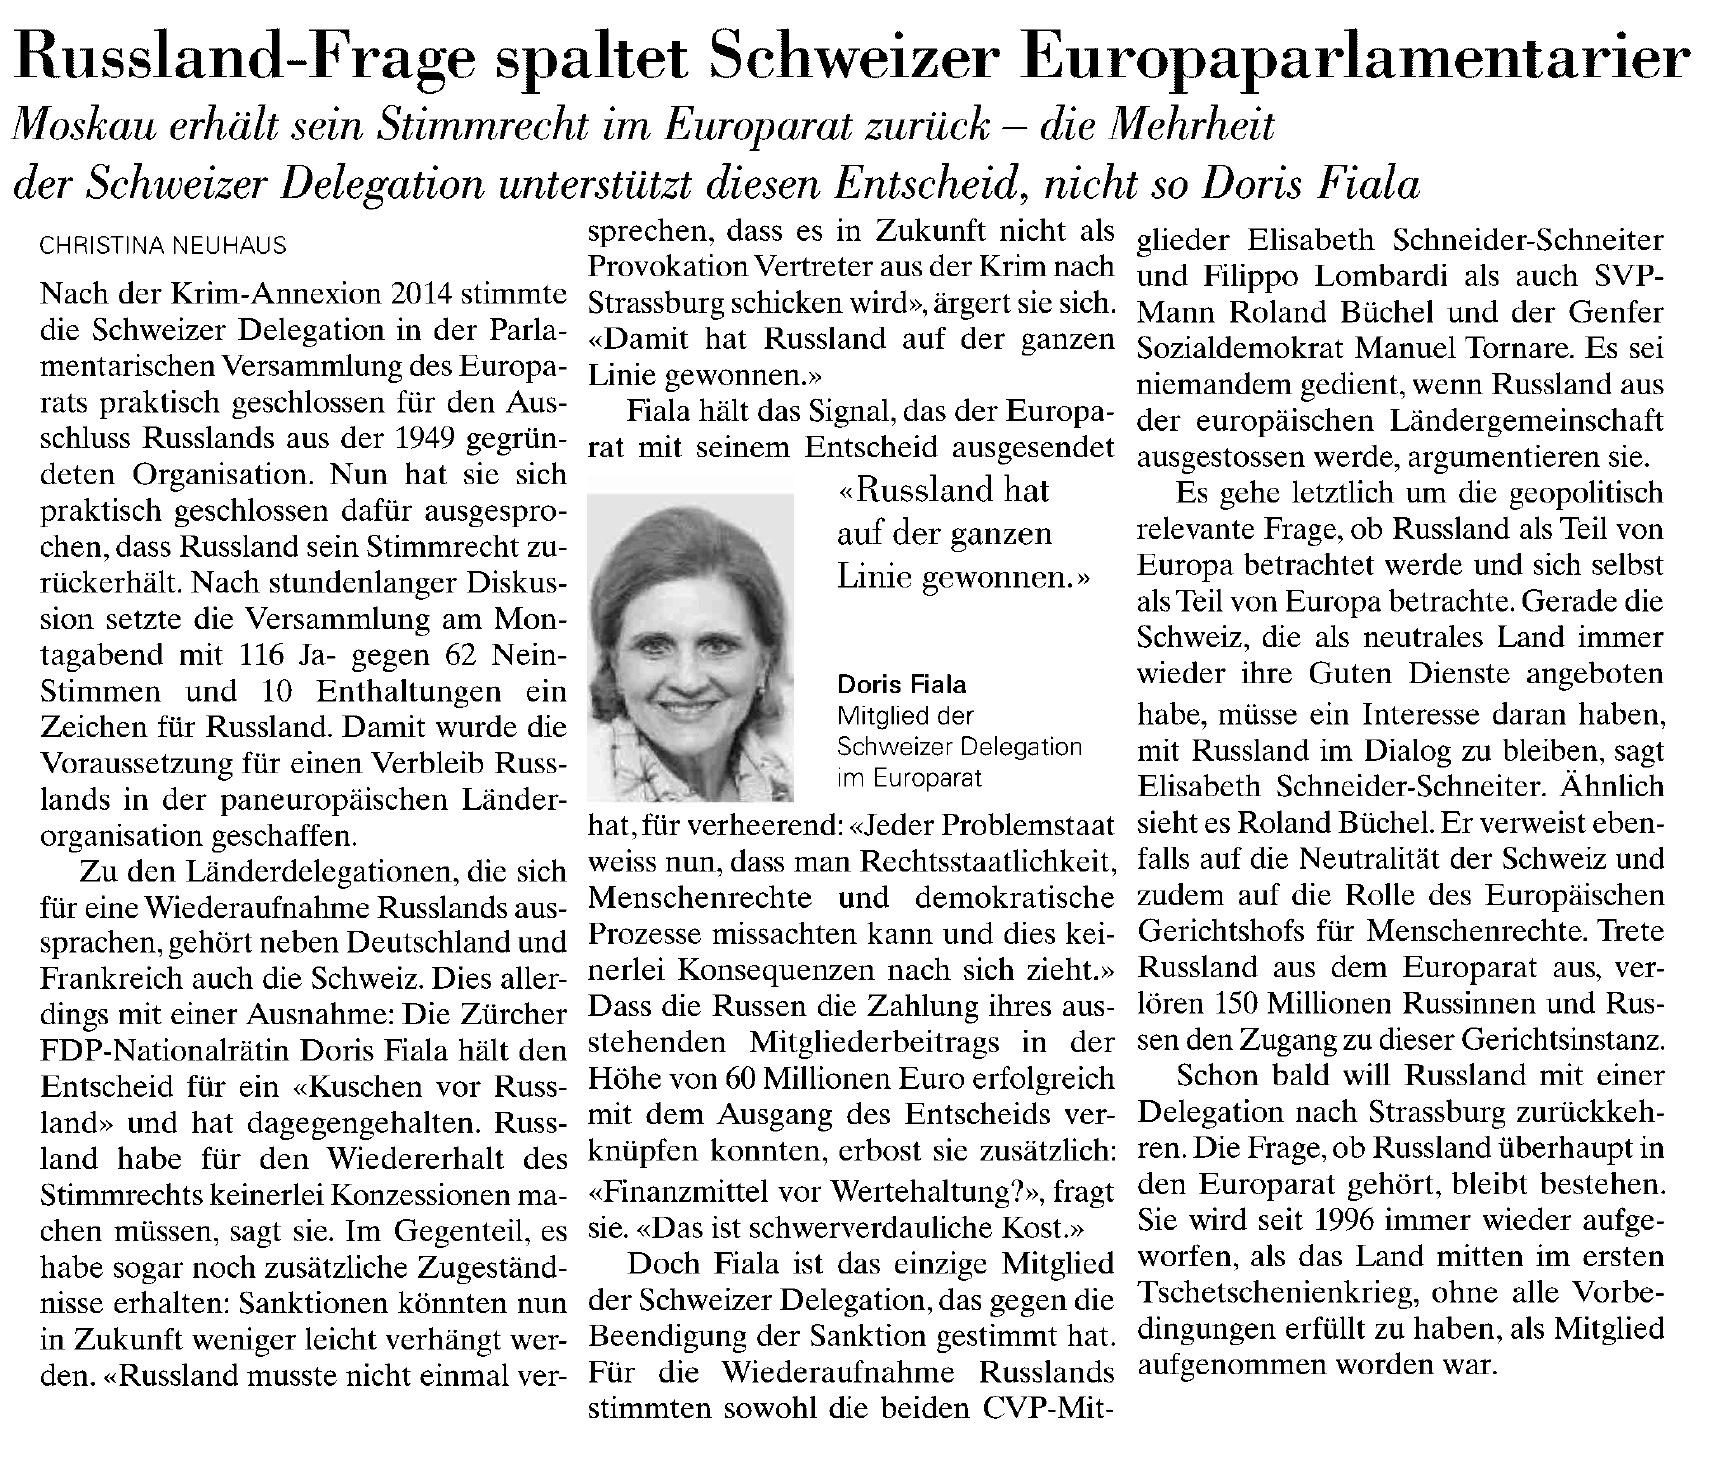 Russland-Frage spaltet Schweizer Europaparlamentarier (Mittwoch, 26.06.2019)